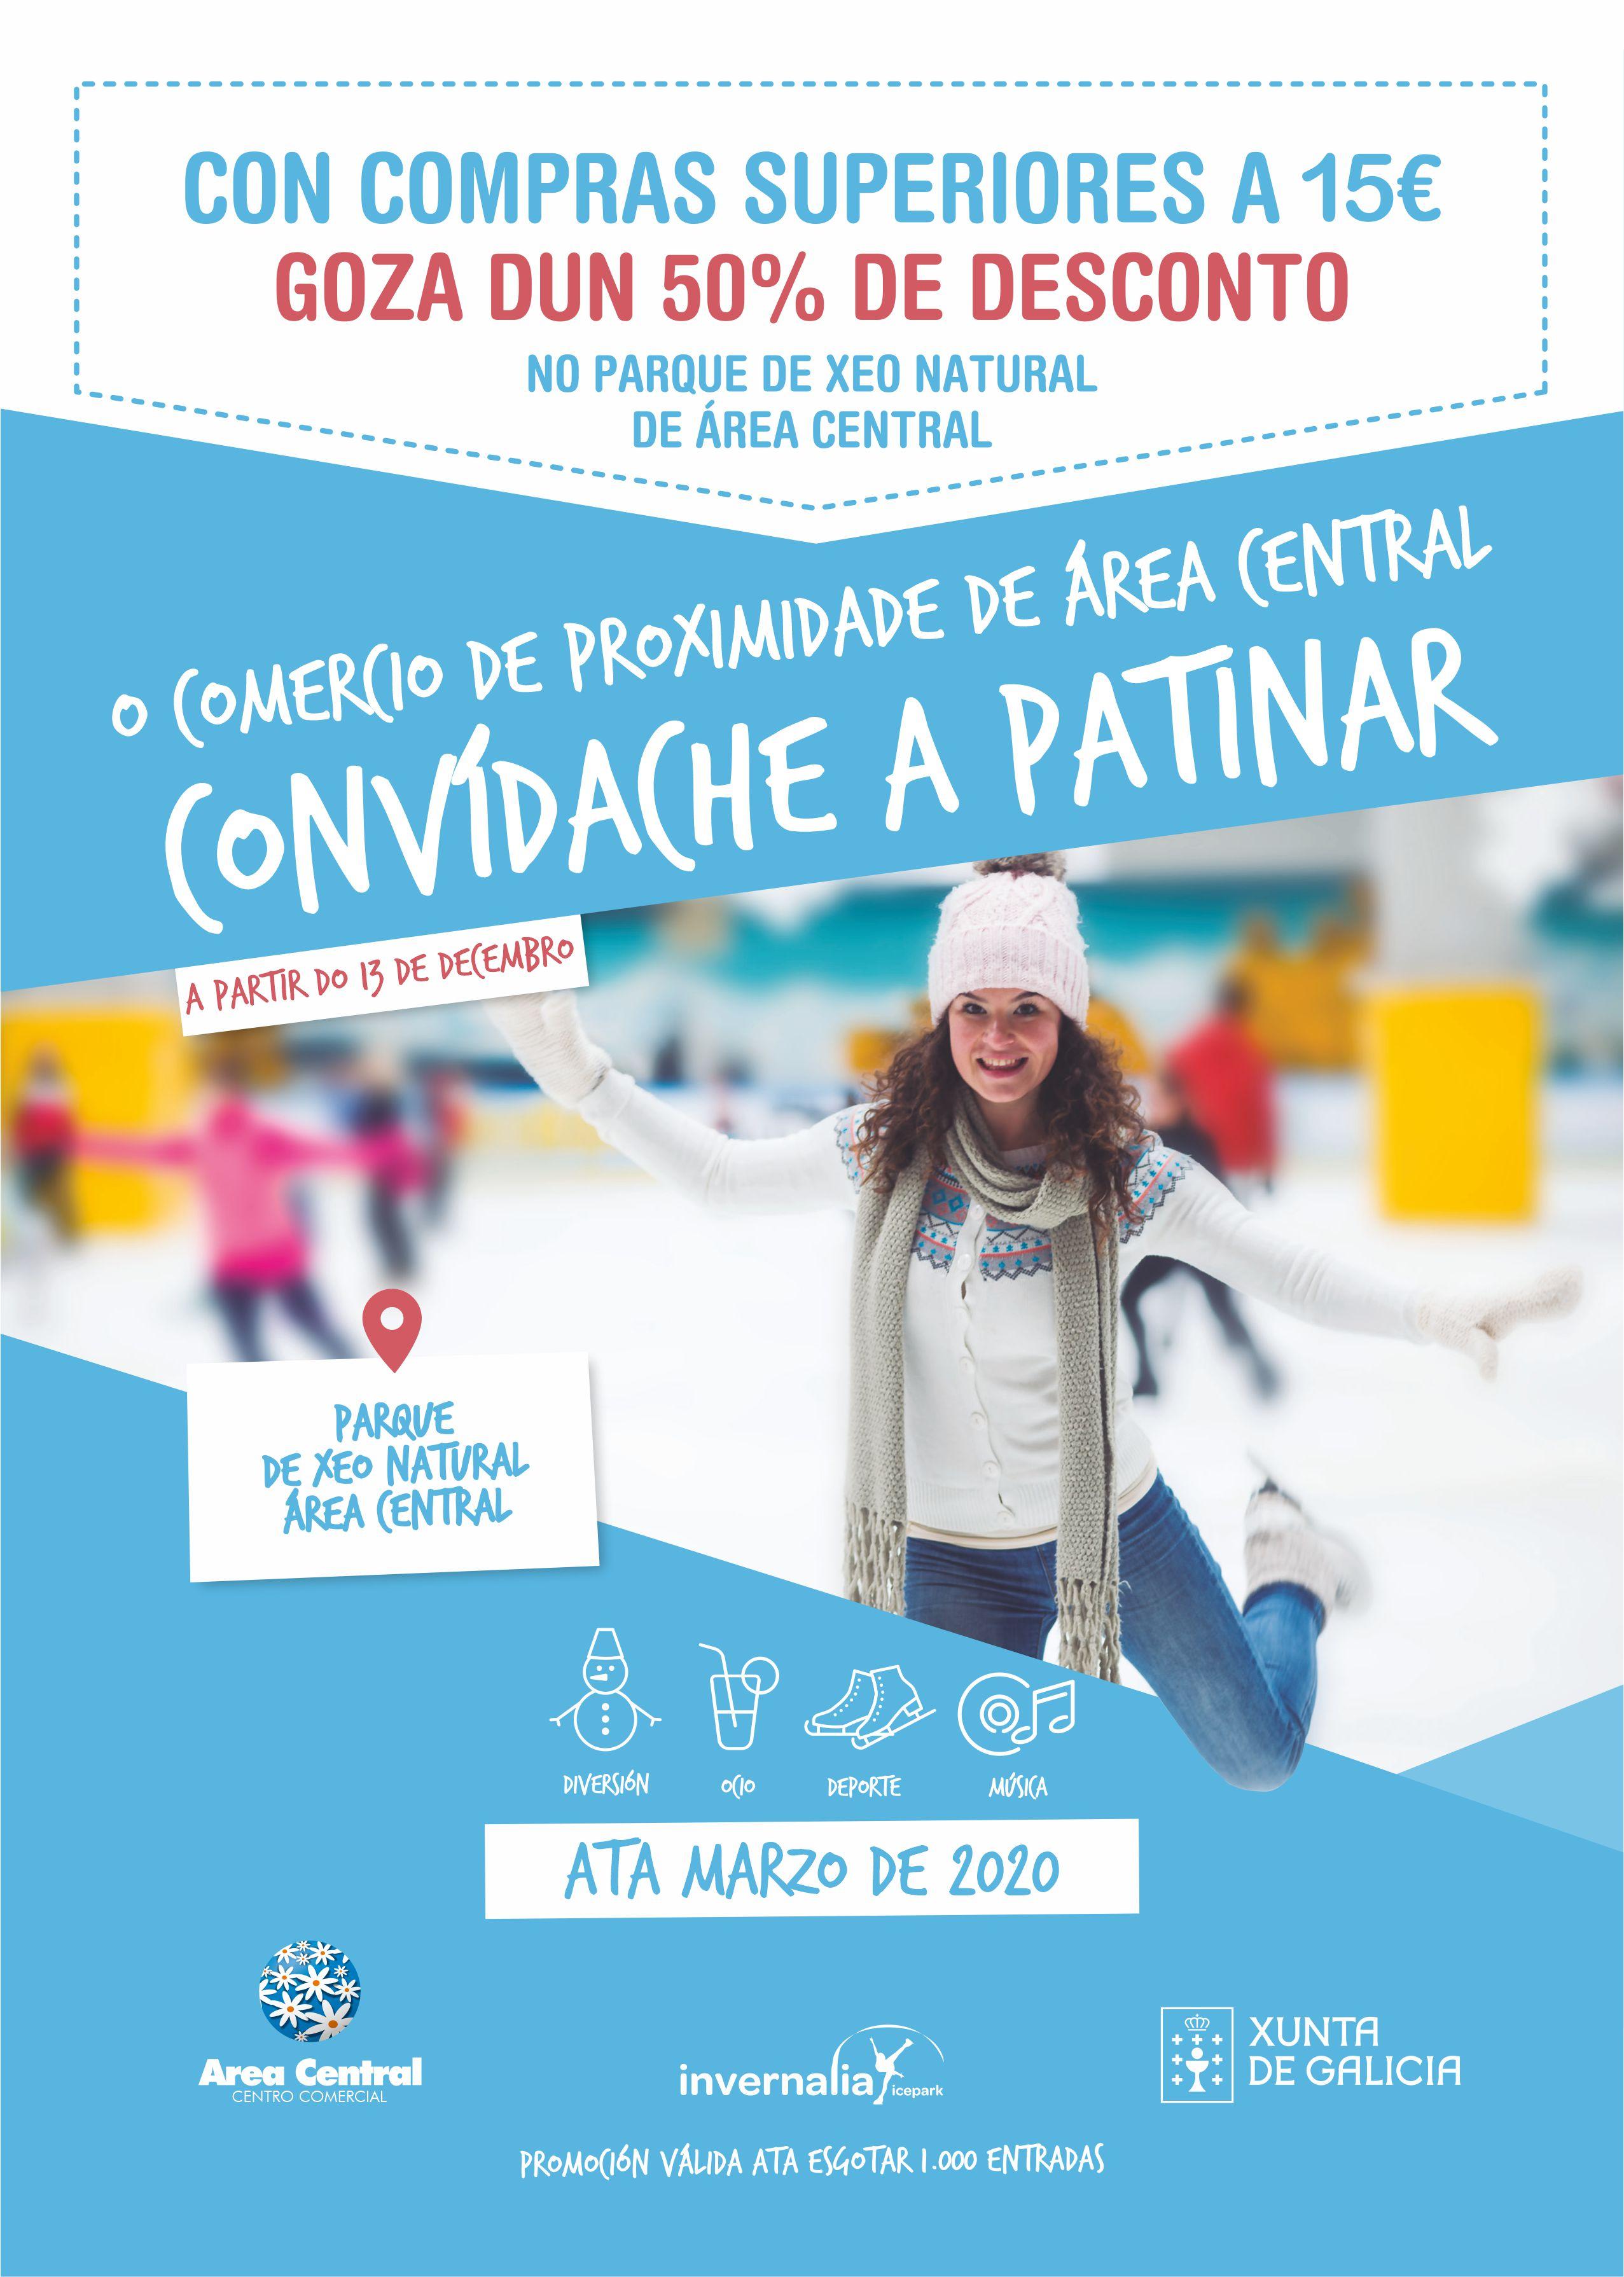 O comercio de proximidade de Area Central convídache a patinar